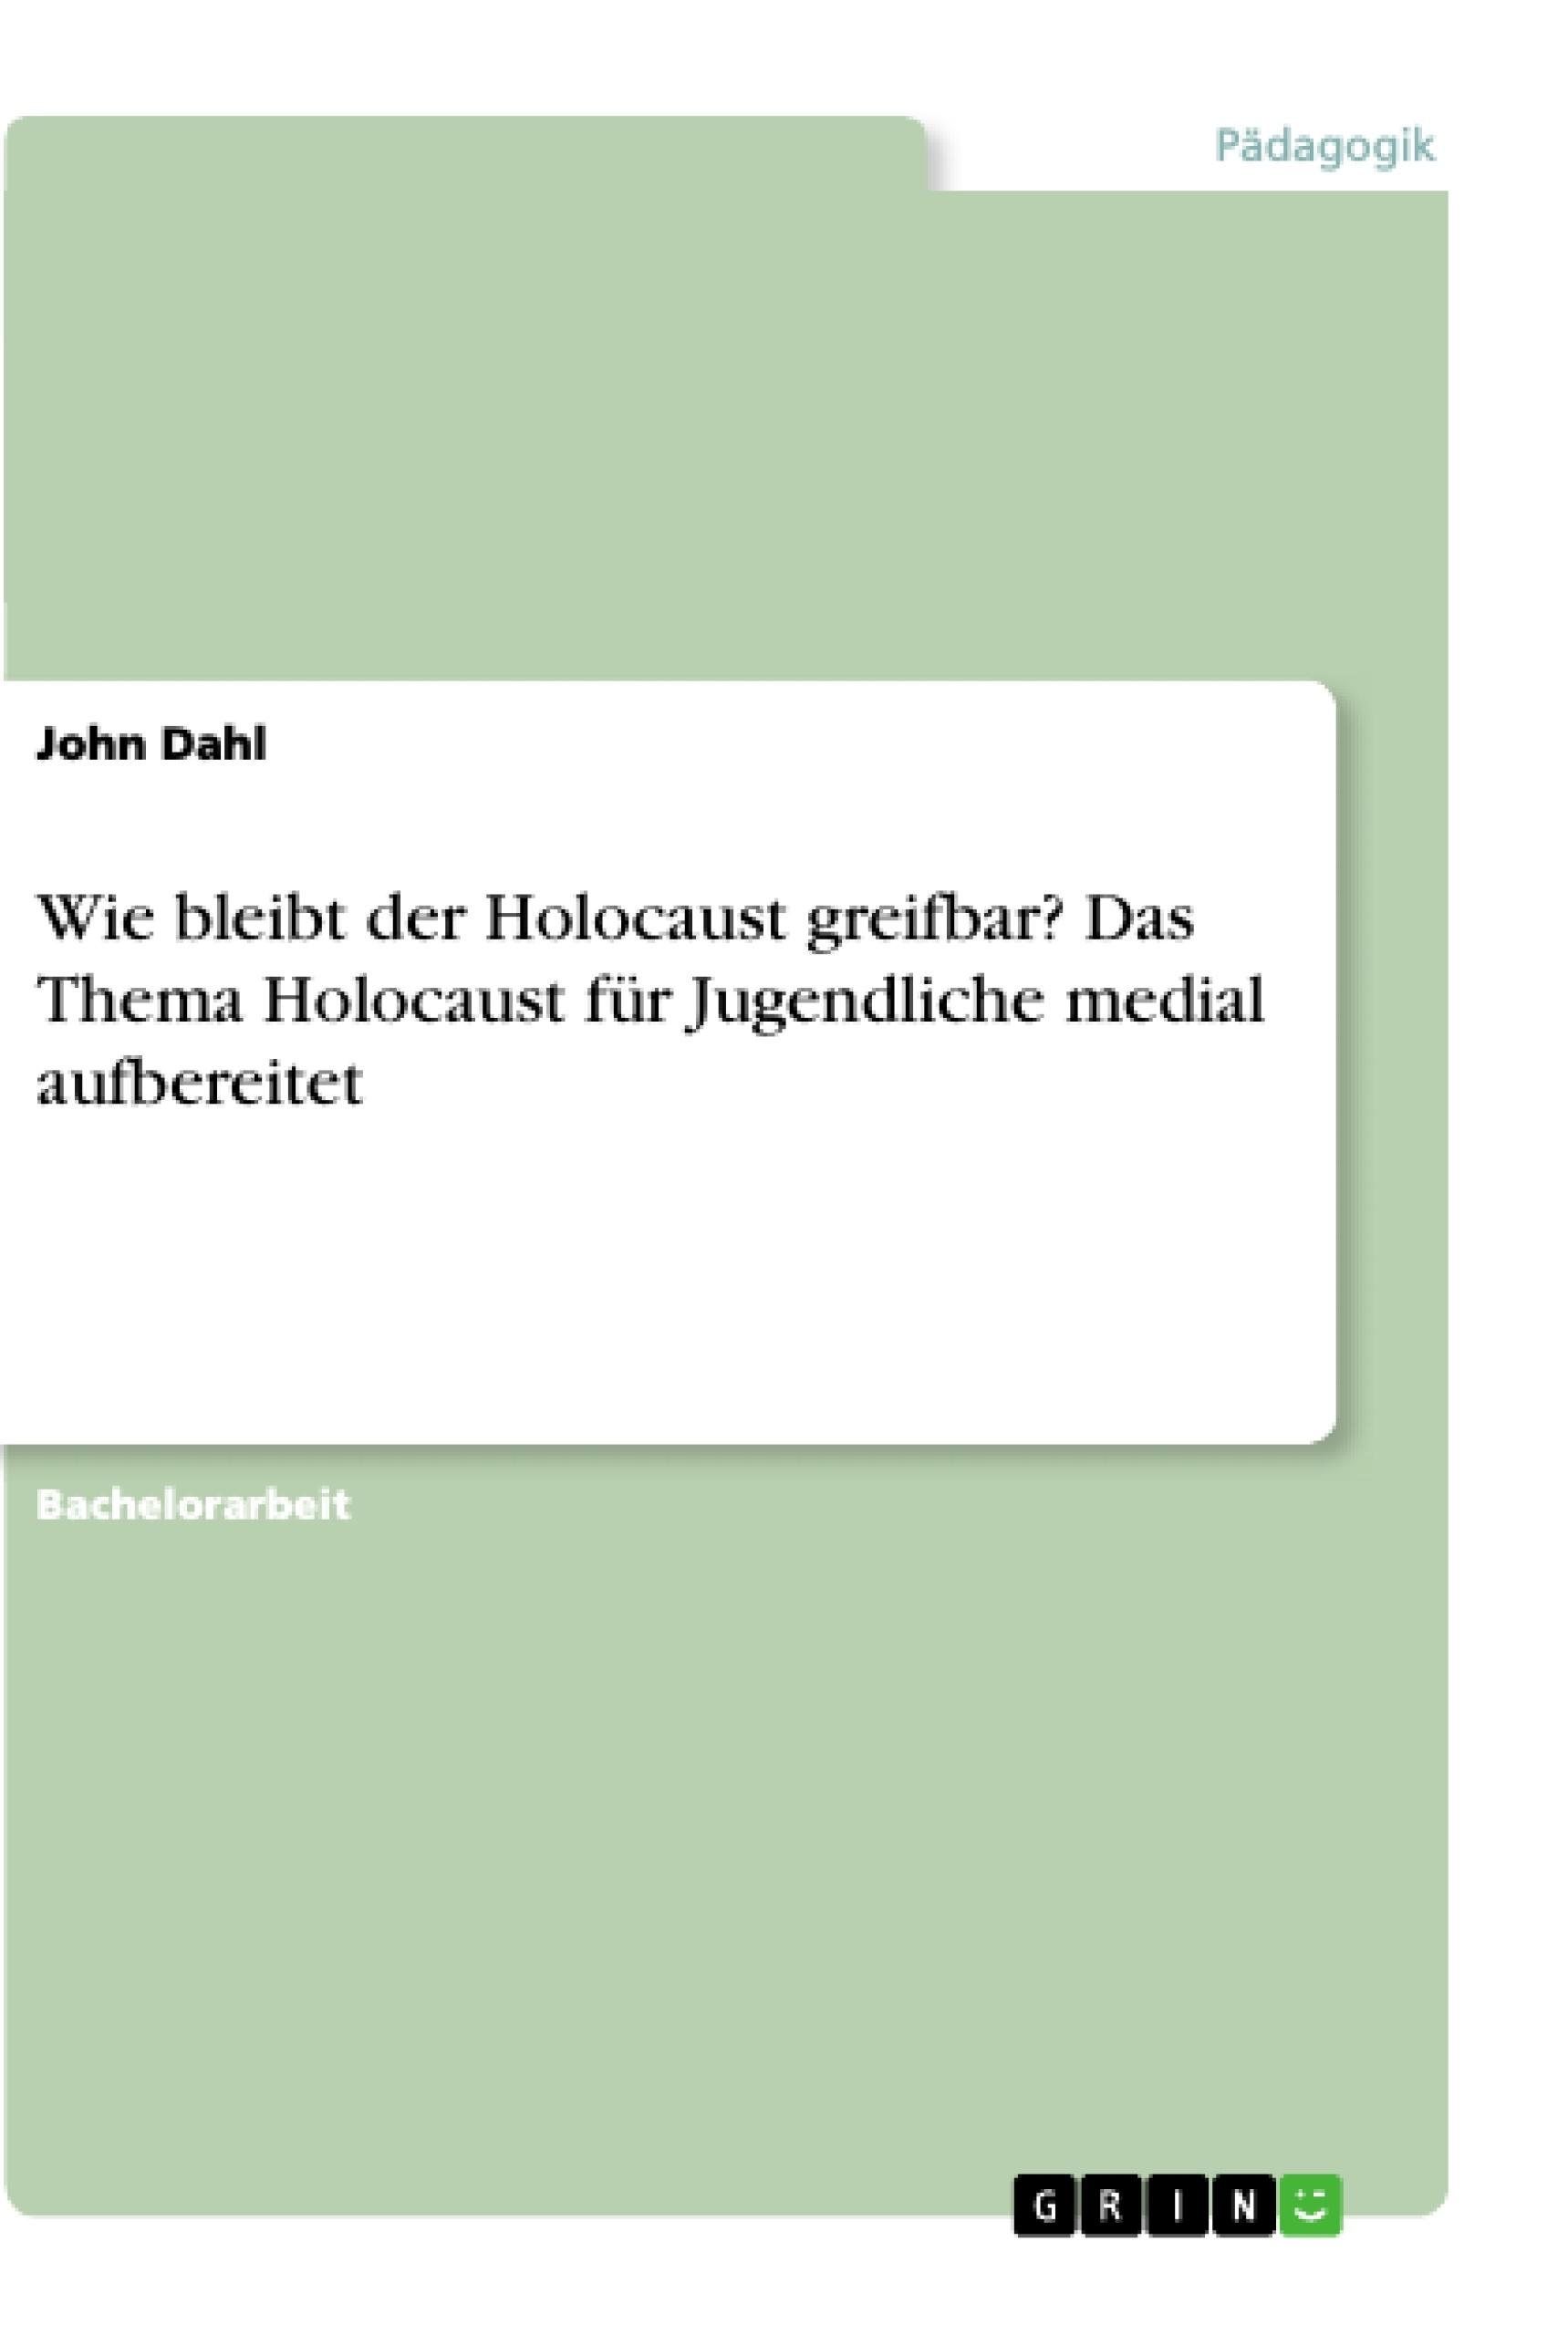 Titel: Wie bleibt der Holocaust greifbar? Das Thema Holocaust für Jugendliche medial aufbereitet